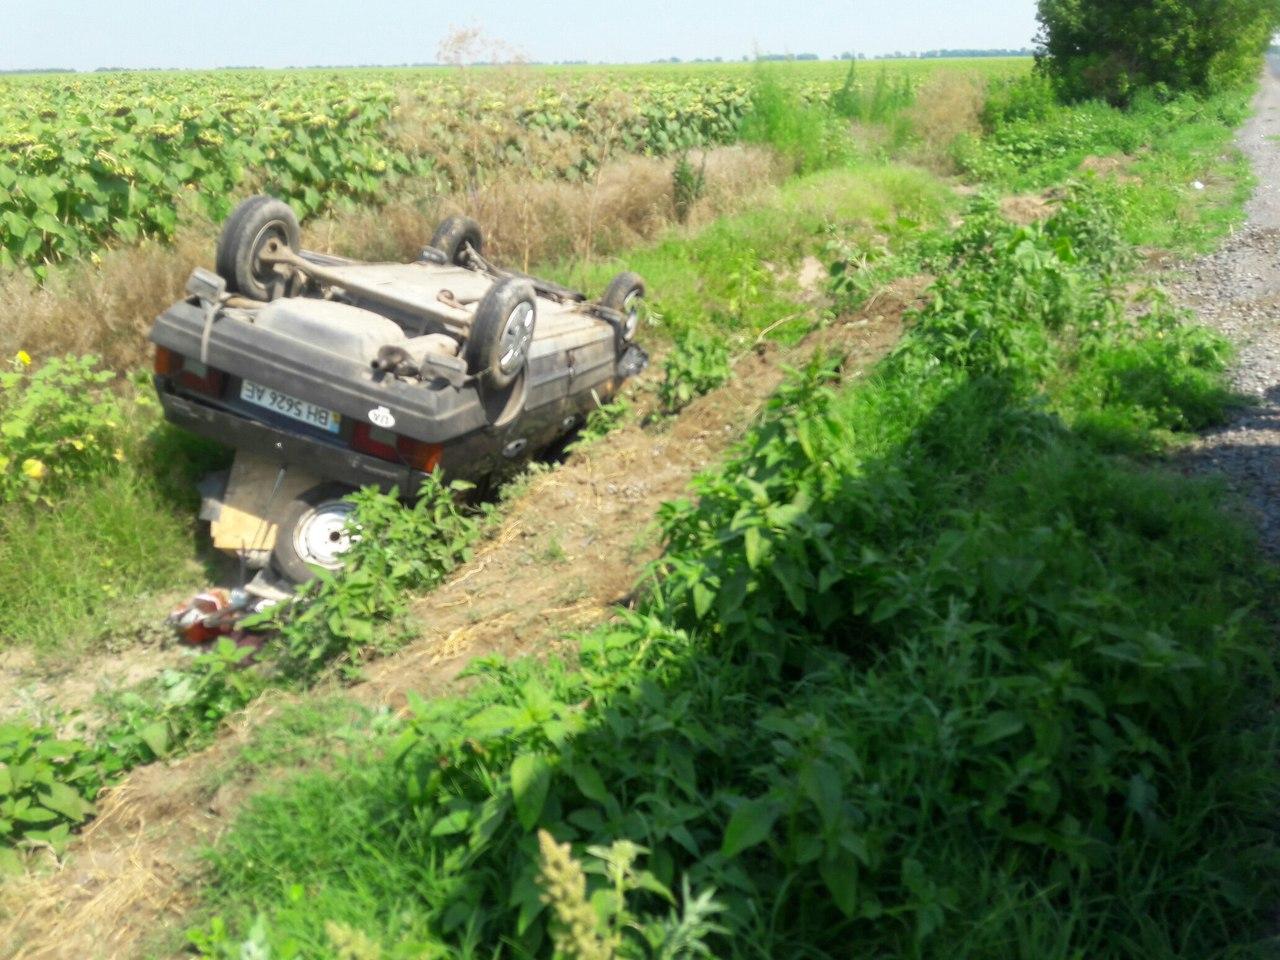 Очередной приступ эпилепсии за рулем: на трассе Одесса-Рени перевернулся легковой автомобиль